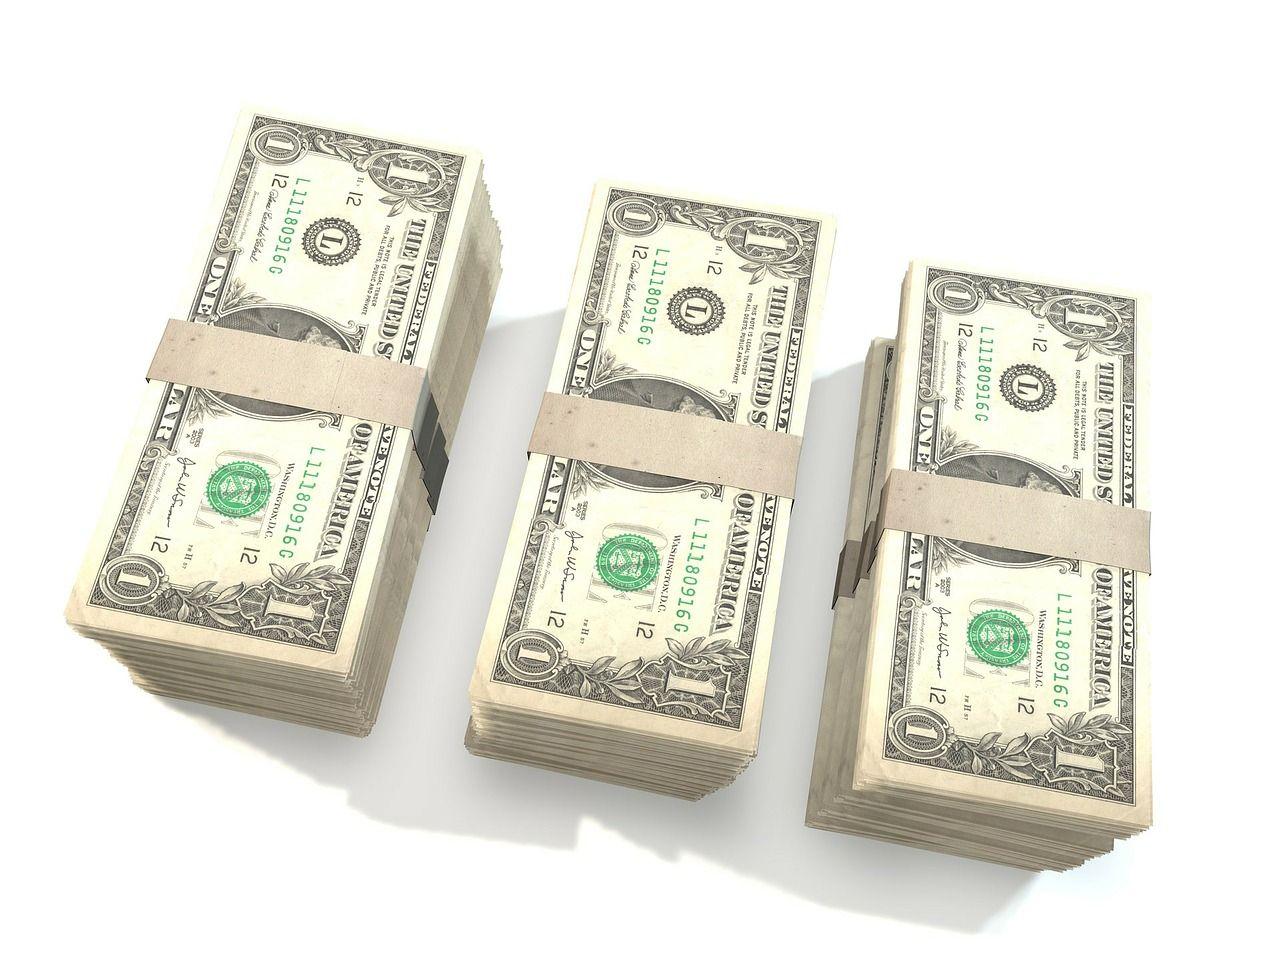 Dolar dla Polaków nadal wyjątkowy. Czy słusznie lubimy amerykańską walutę?